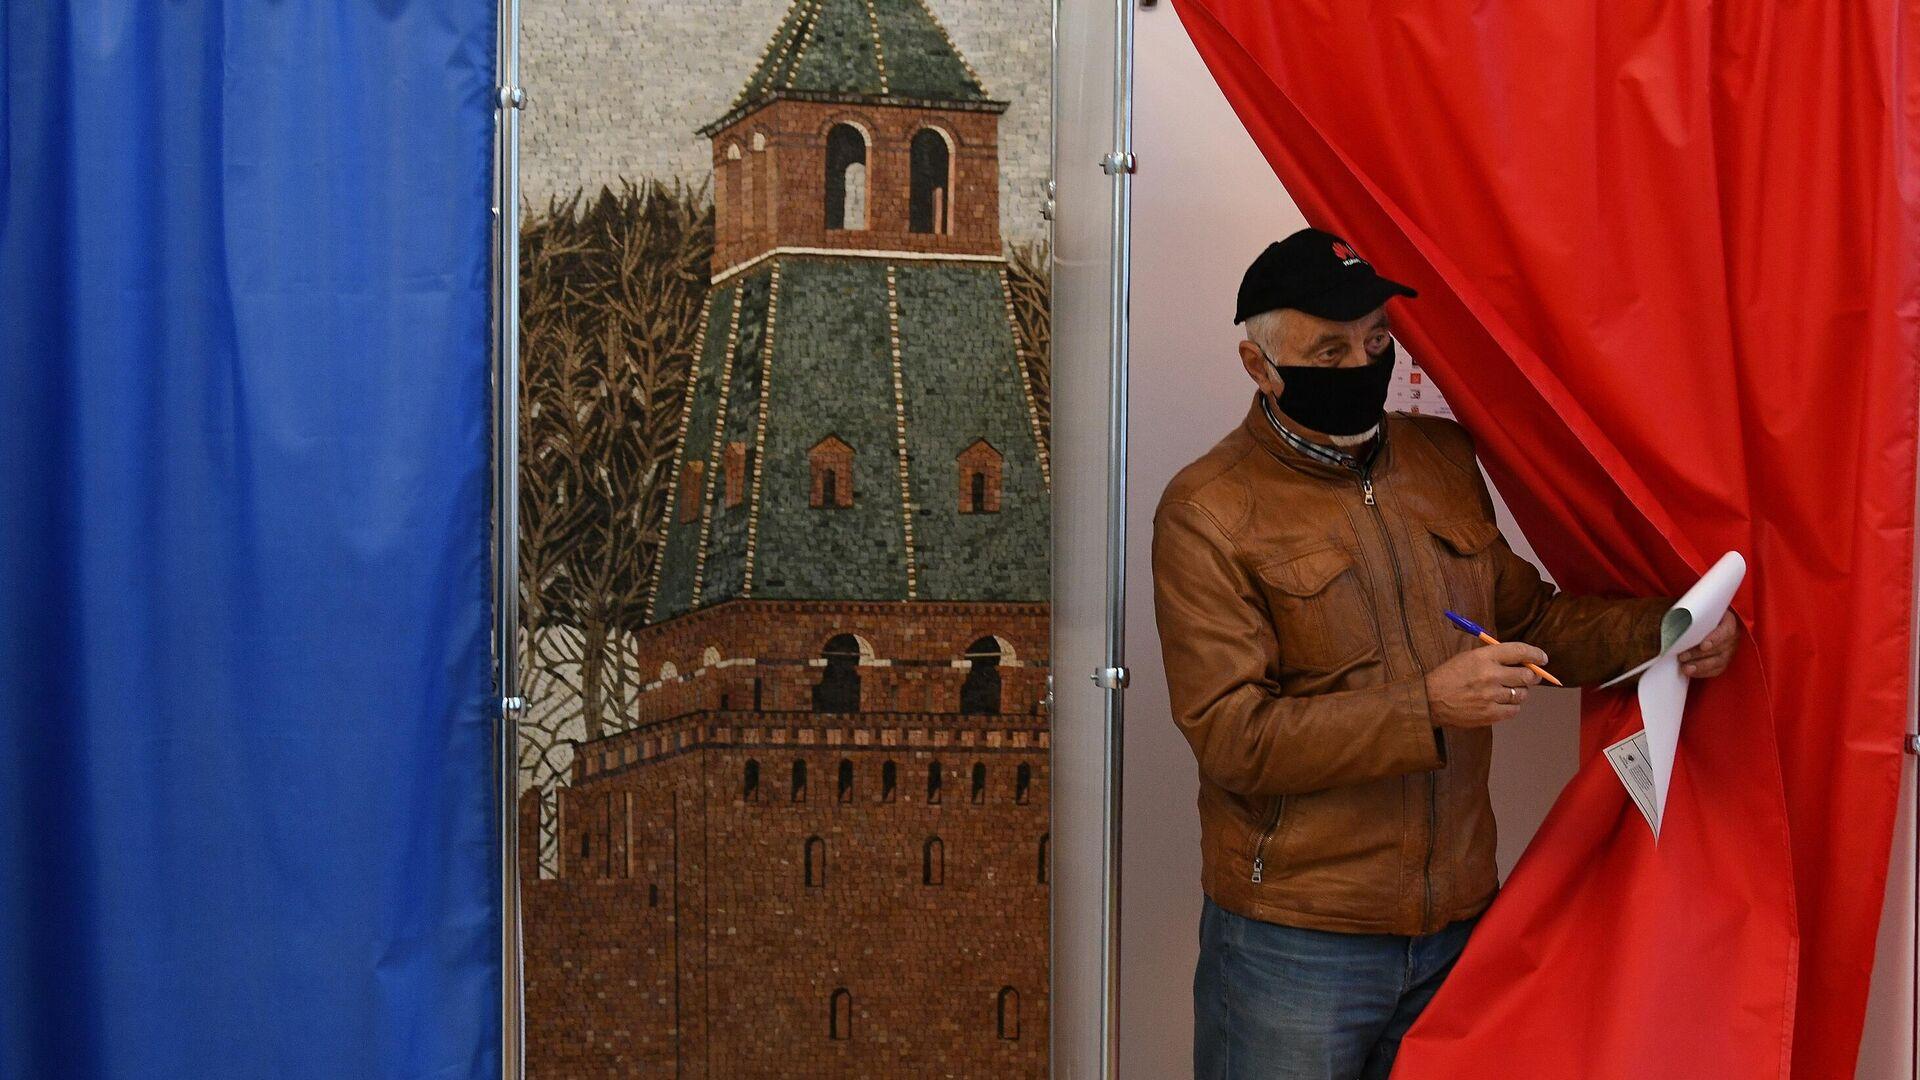 Голосование проходит в российском посольстве в Минске - Sputnik Беларусь, 1920, 19.09.2021